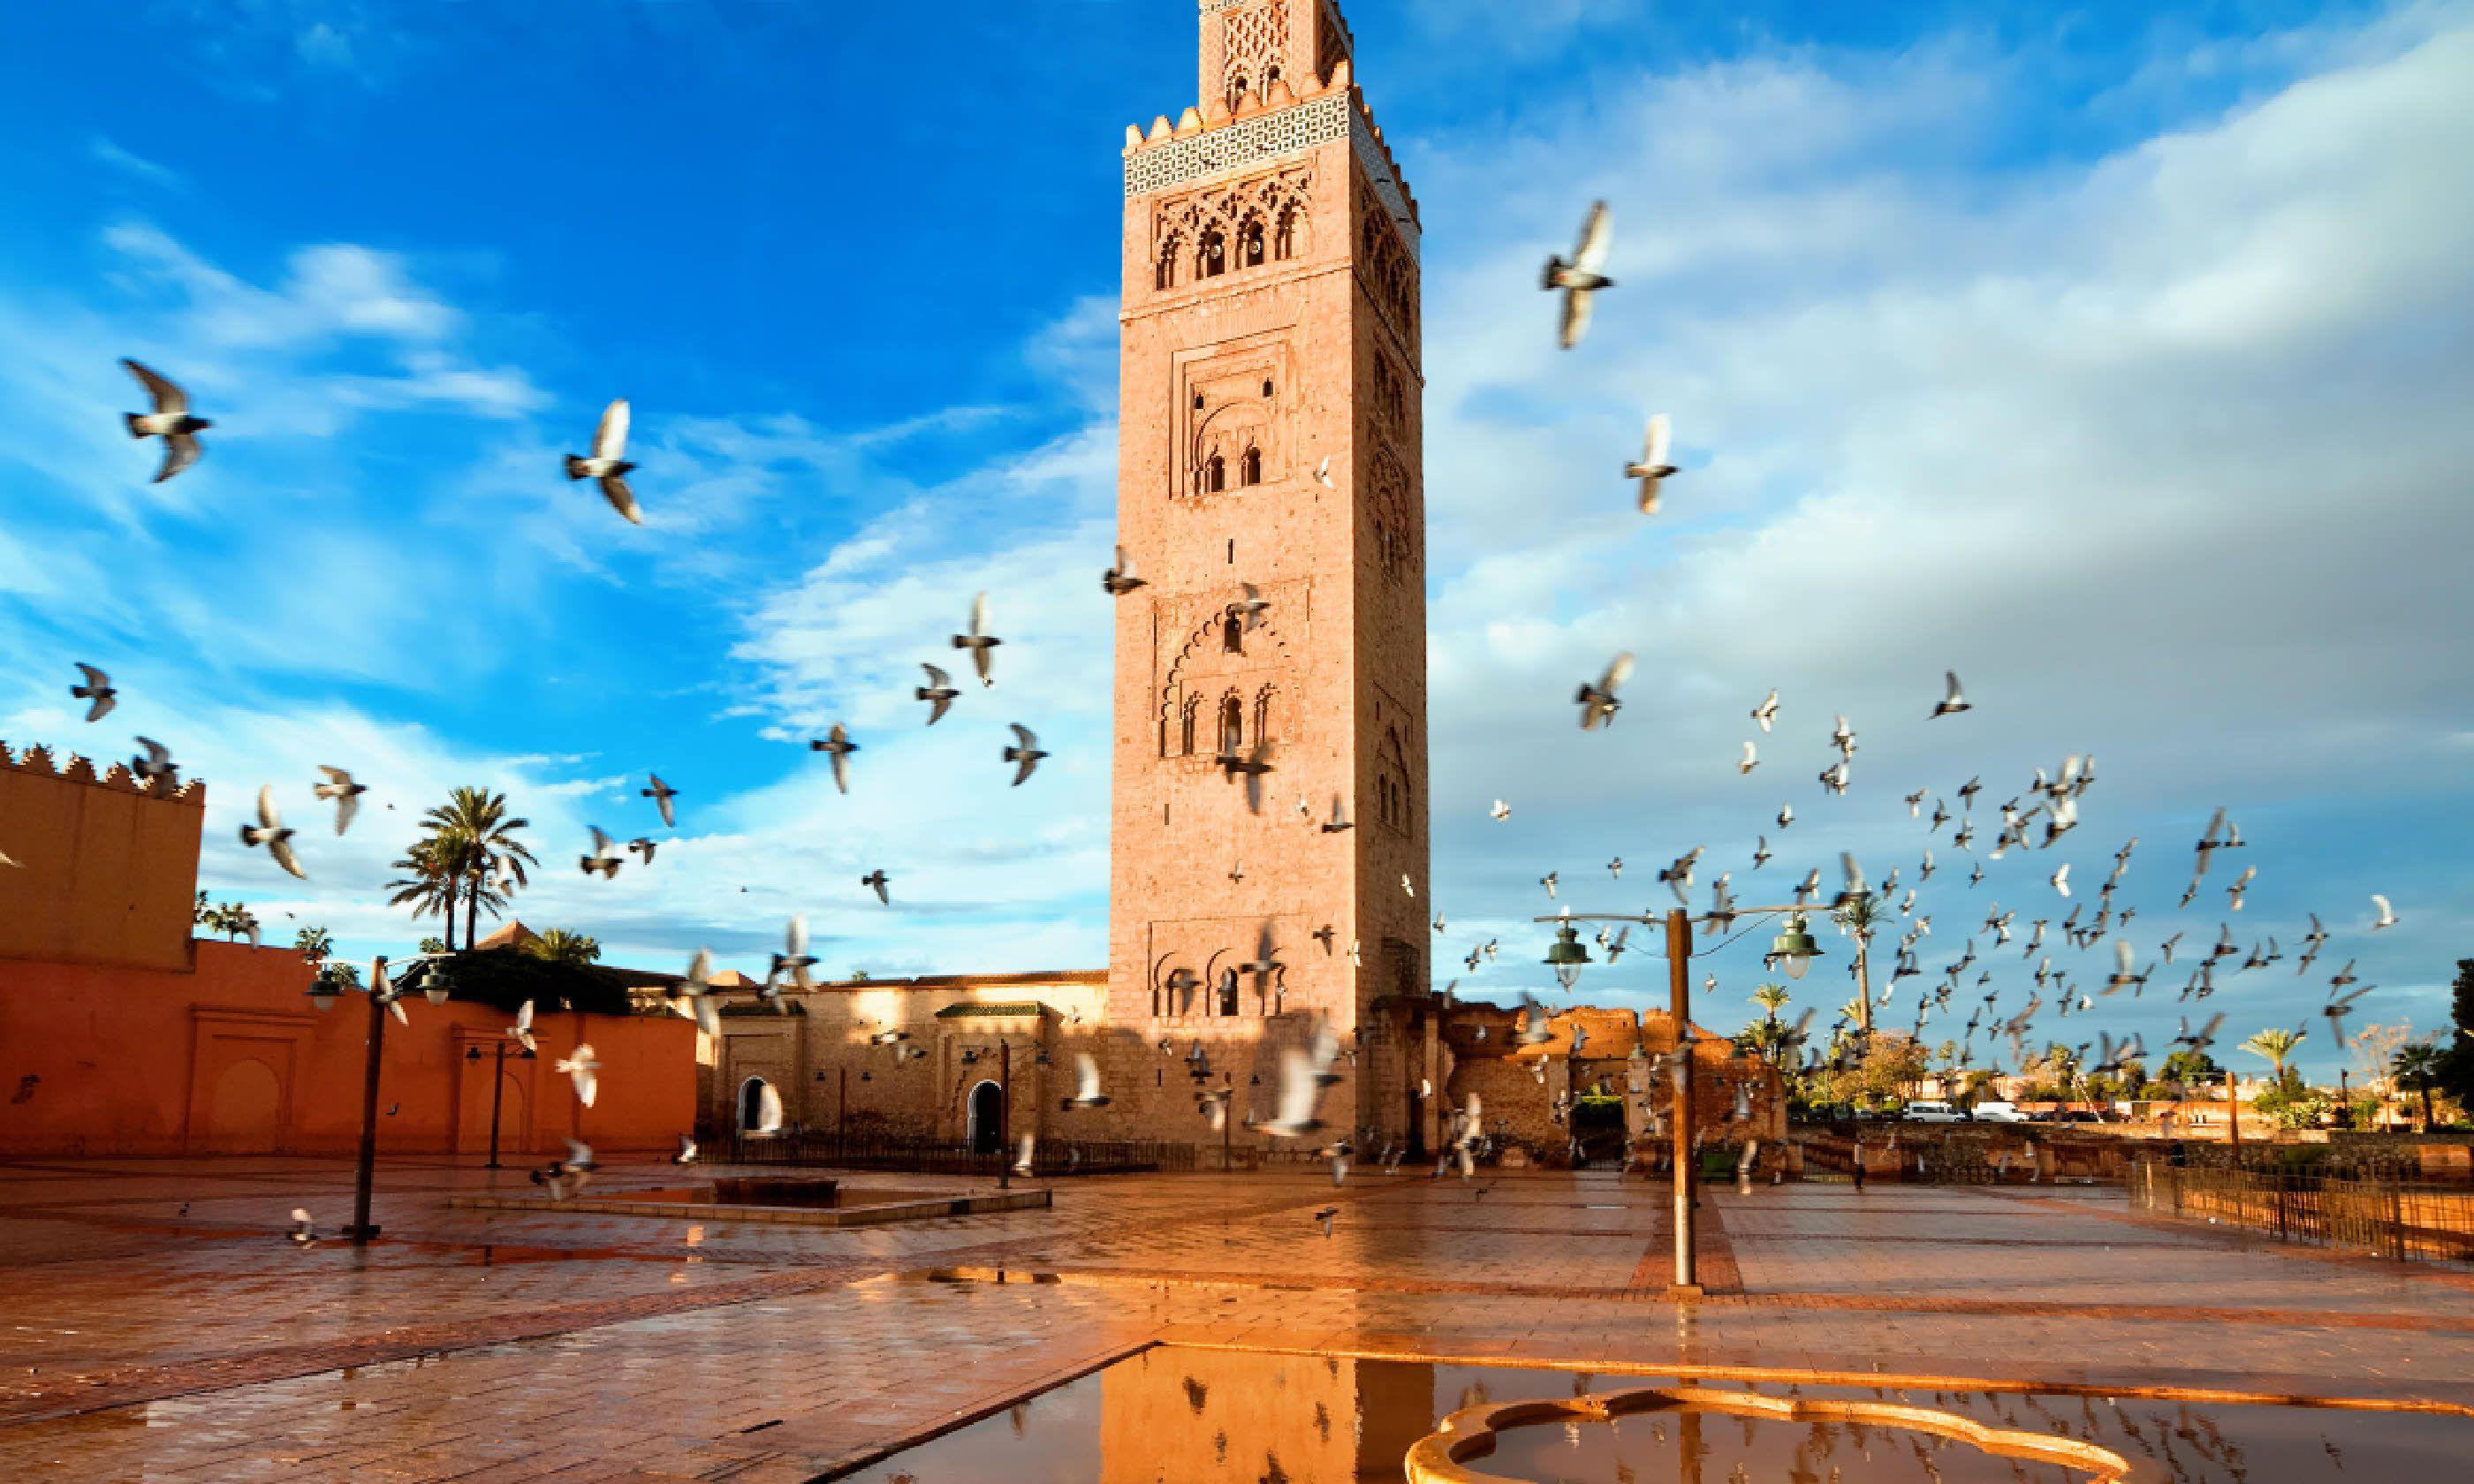 Koutoubia mosque, Marrakech (Shutterstock)